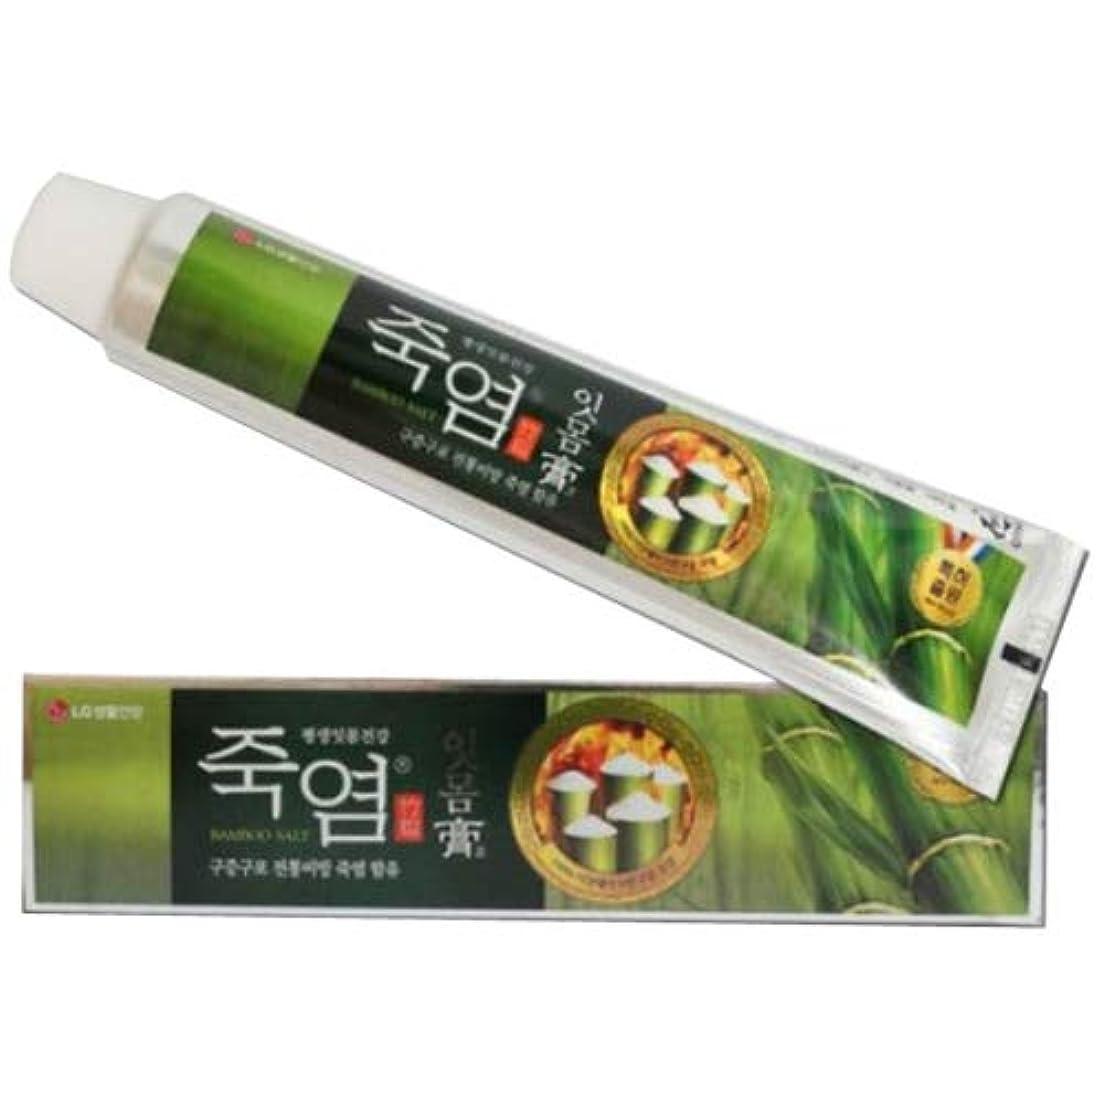 余剰ゴージャス決して[LG Care/LG生活健康]竹塩歯磨き粉つぶれて歯茎を健康に120g x1EA 歯磨きセットスペシャル?リミテッドToothpaste Set Special Limited Korea